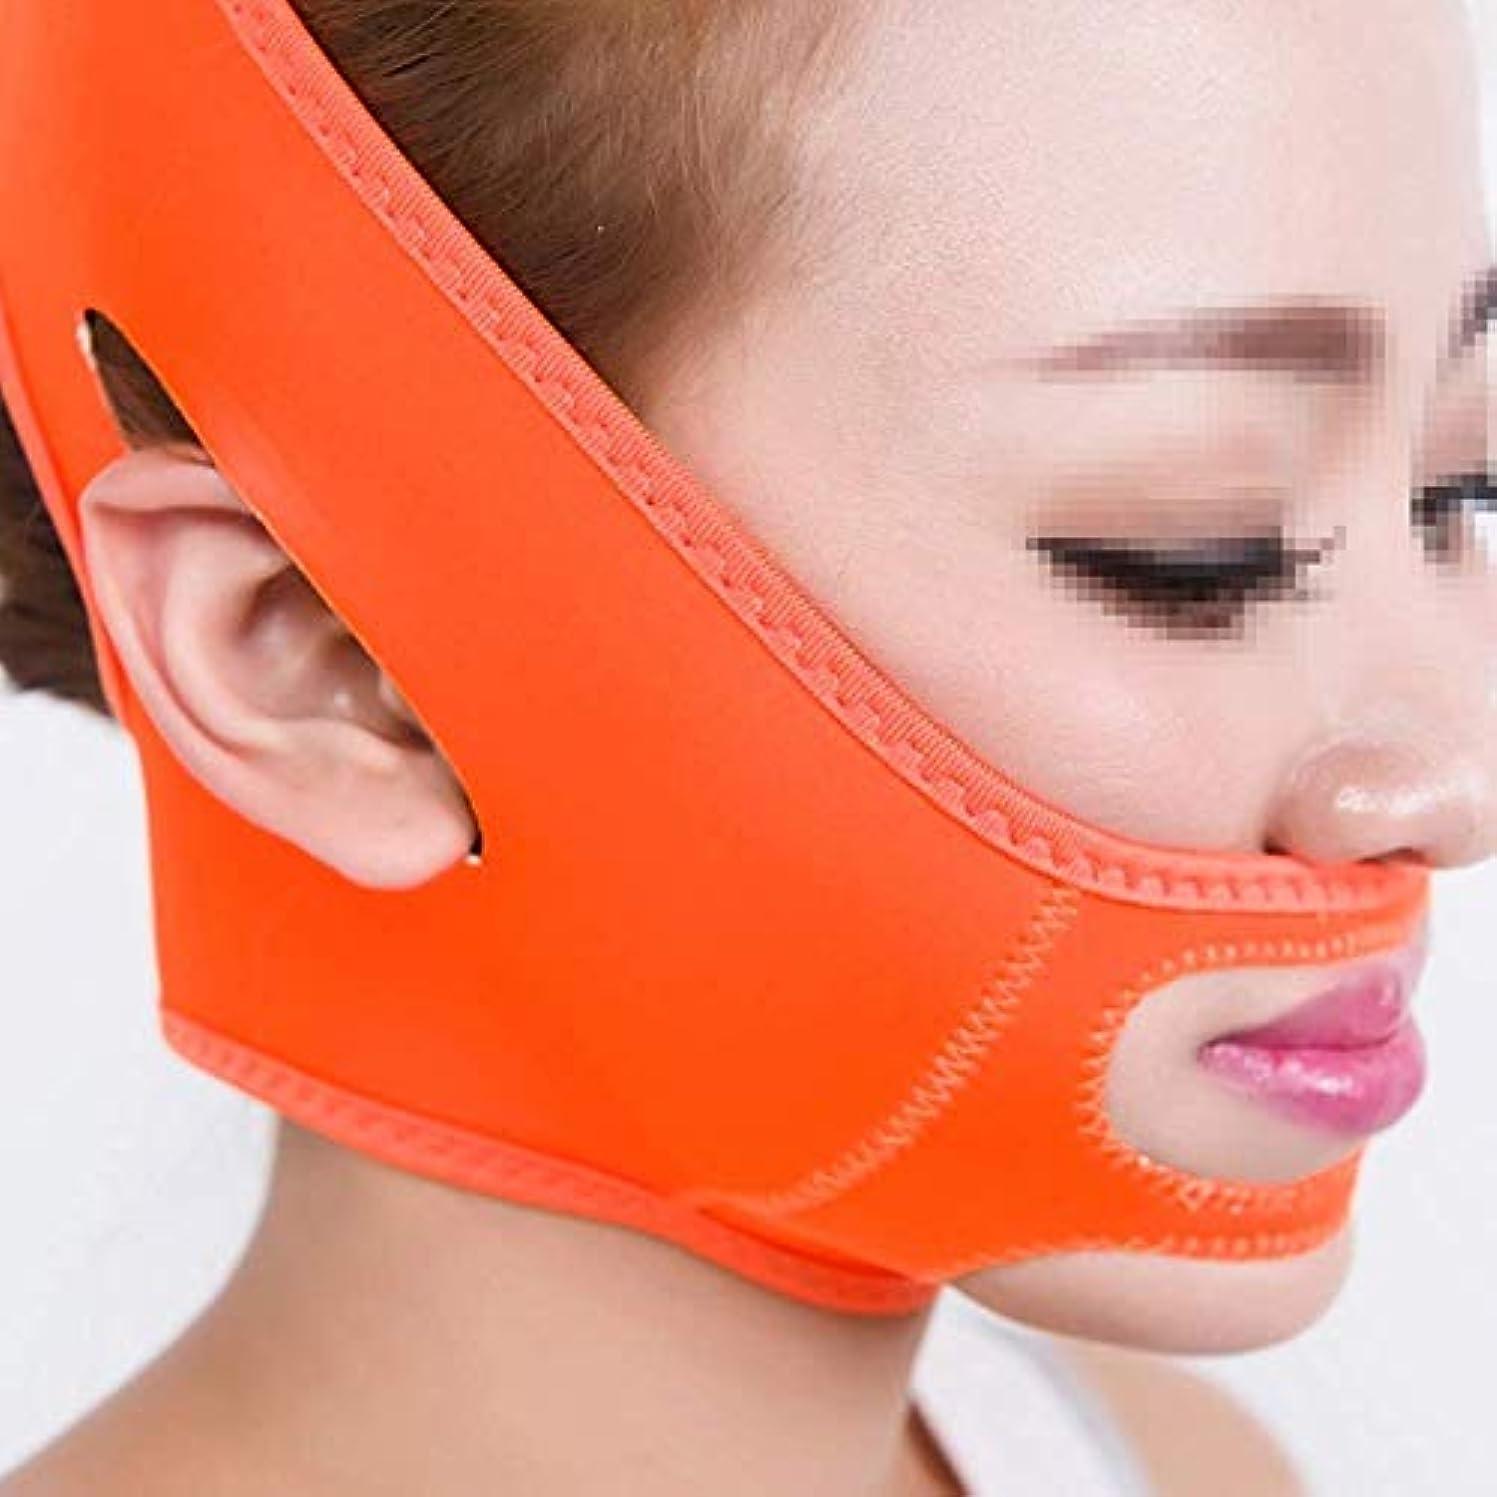 ペルセウスオデュッセウス女将薄いフェイスベルト、Vフェイス、スリープマスク包帯、リフティングフェイス、ダブルチンフェイスマスク、マルチカラーオプション(色:オレンジ)